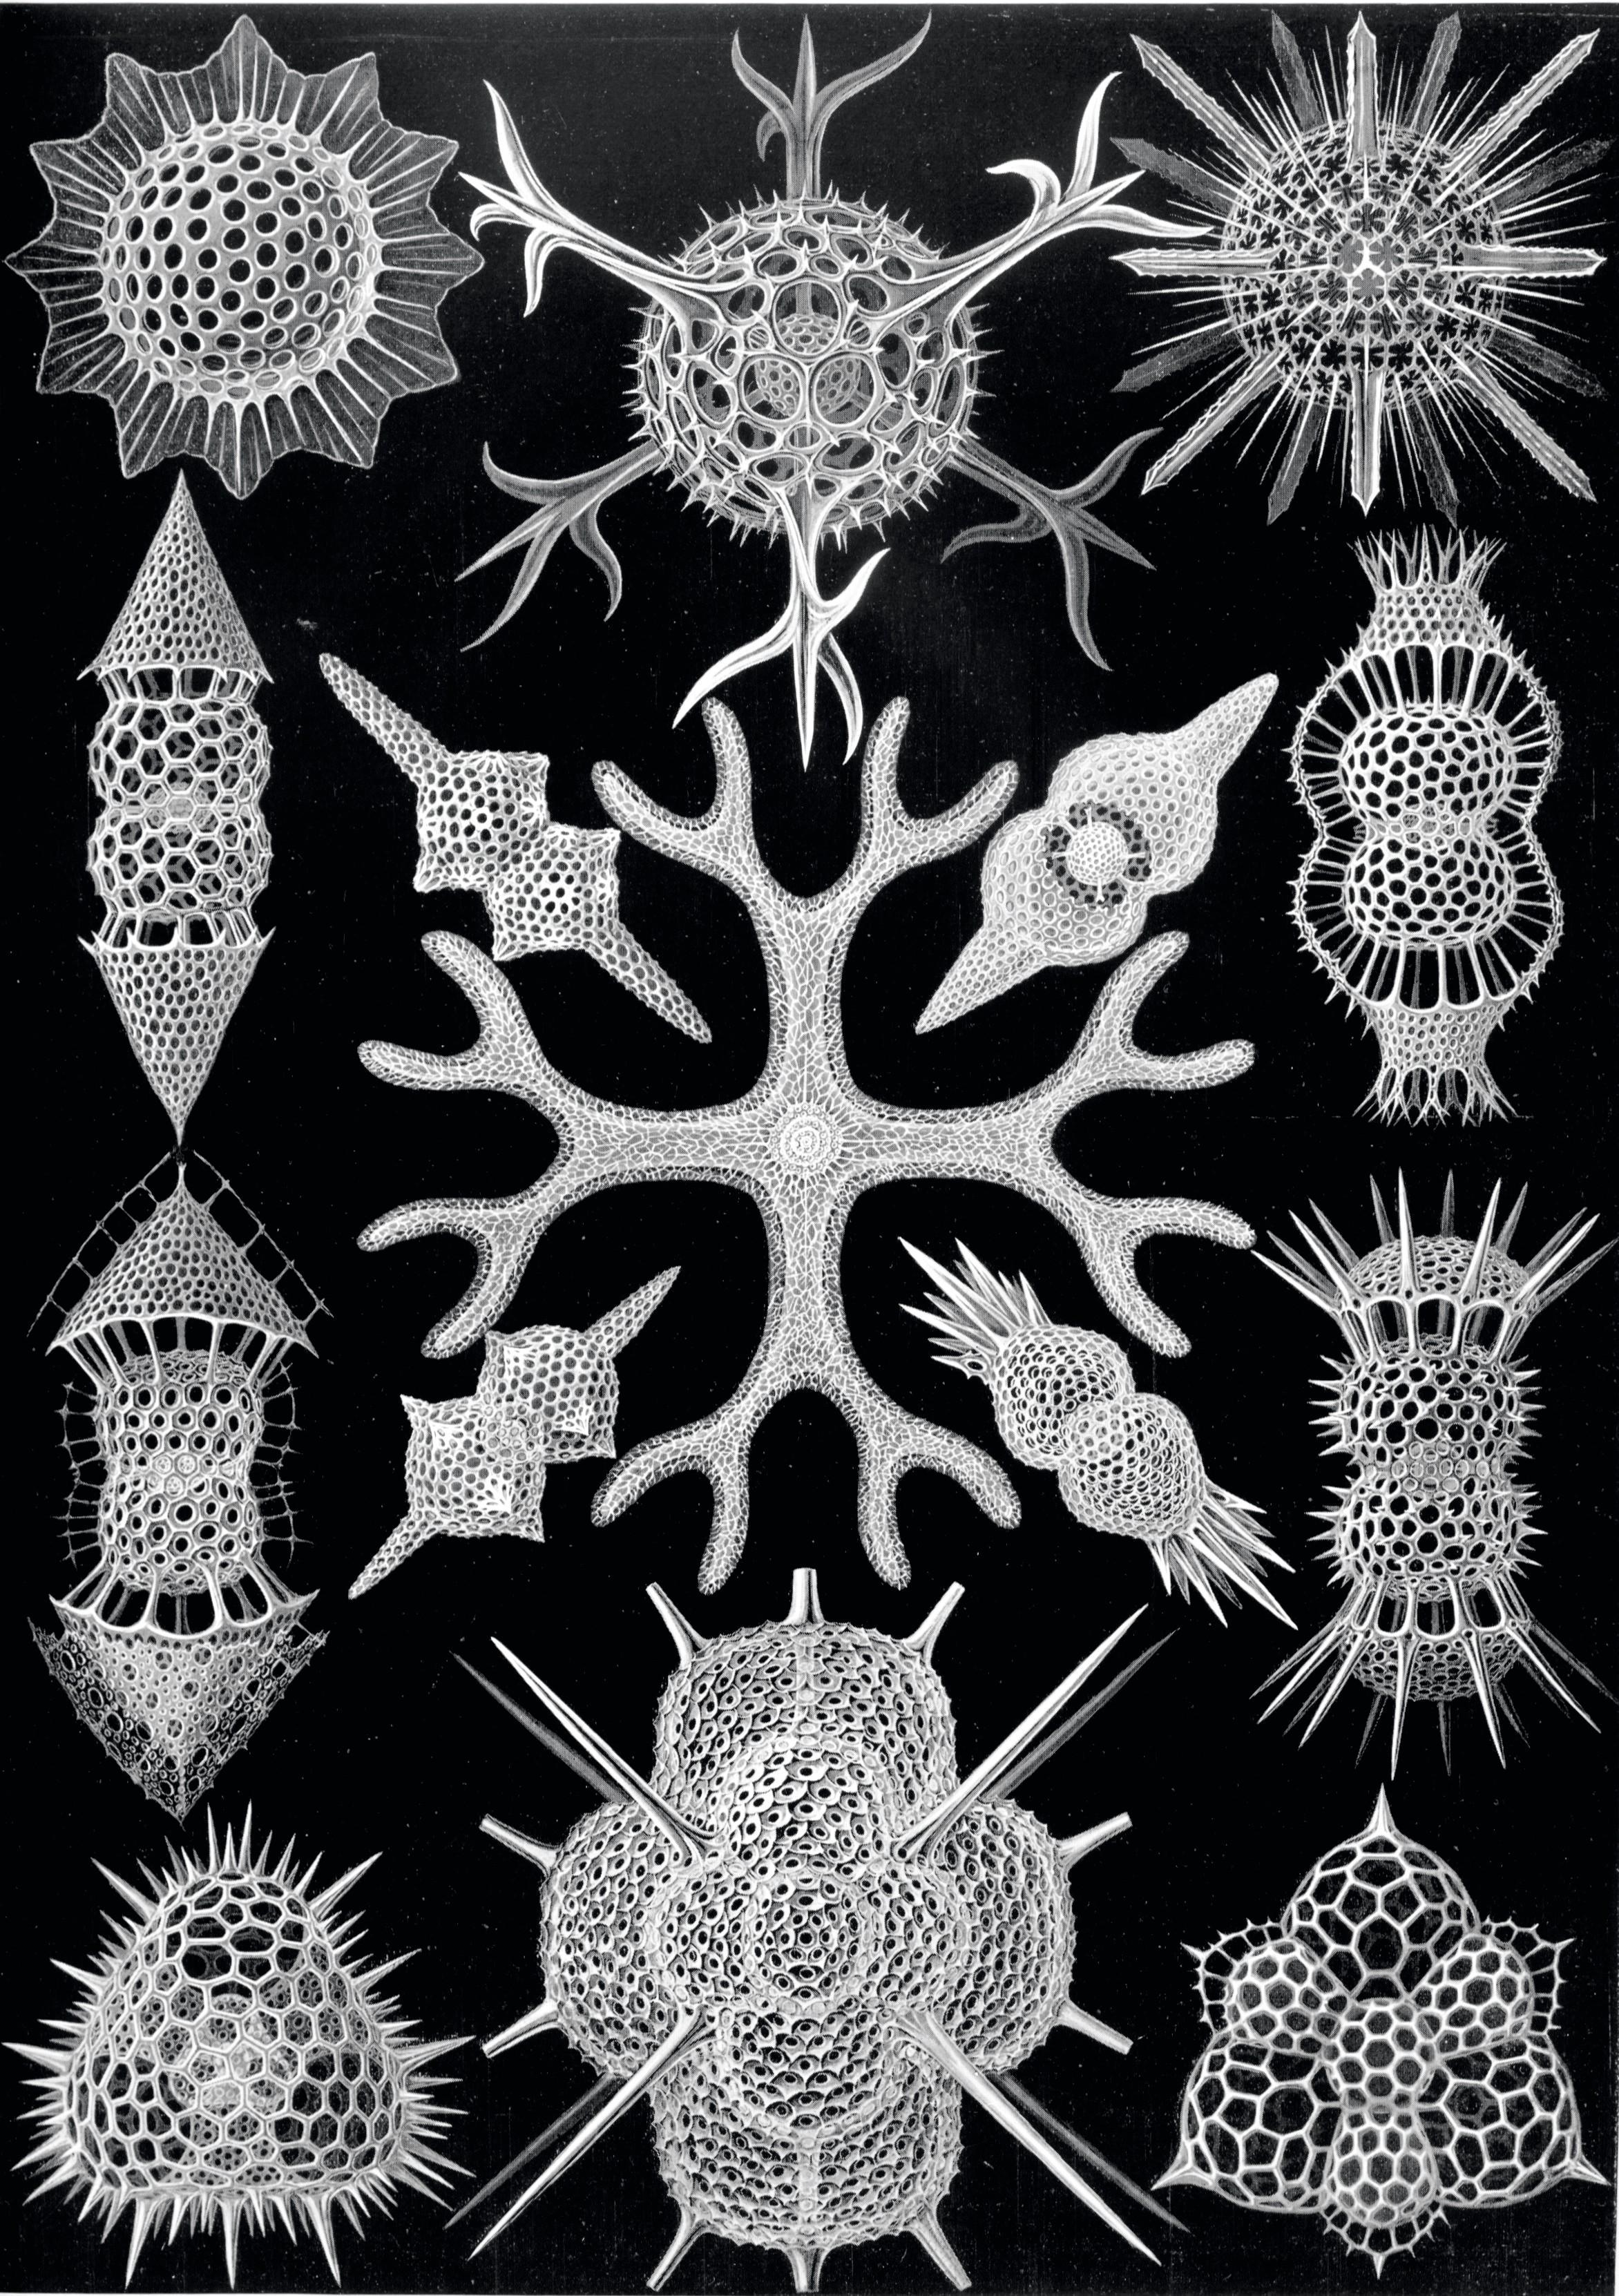 Dessins de squelettes de radiolaires d'Ernst Haeckel